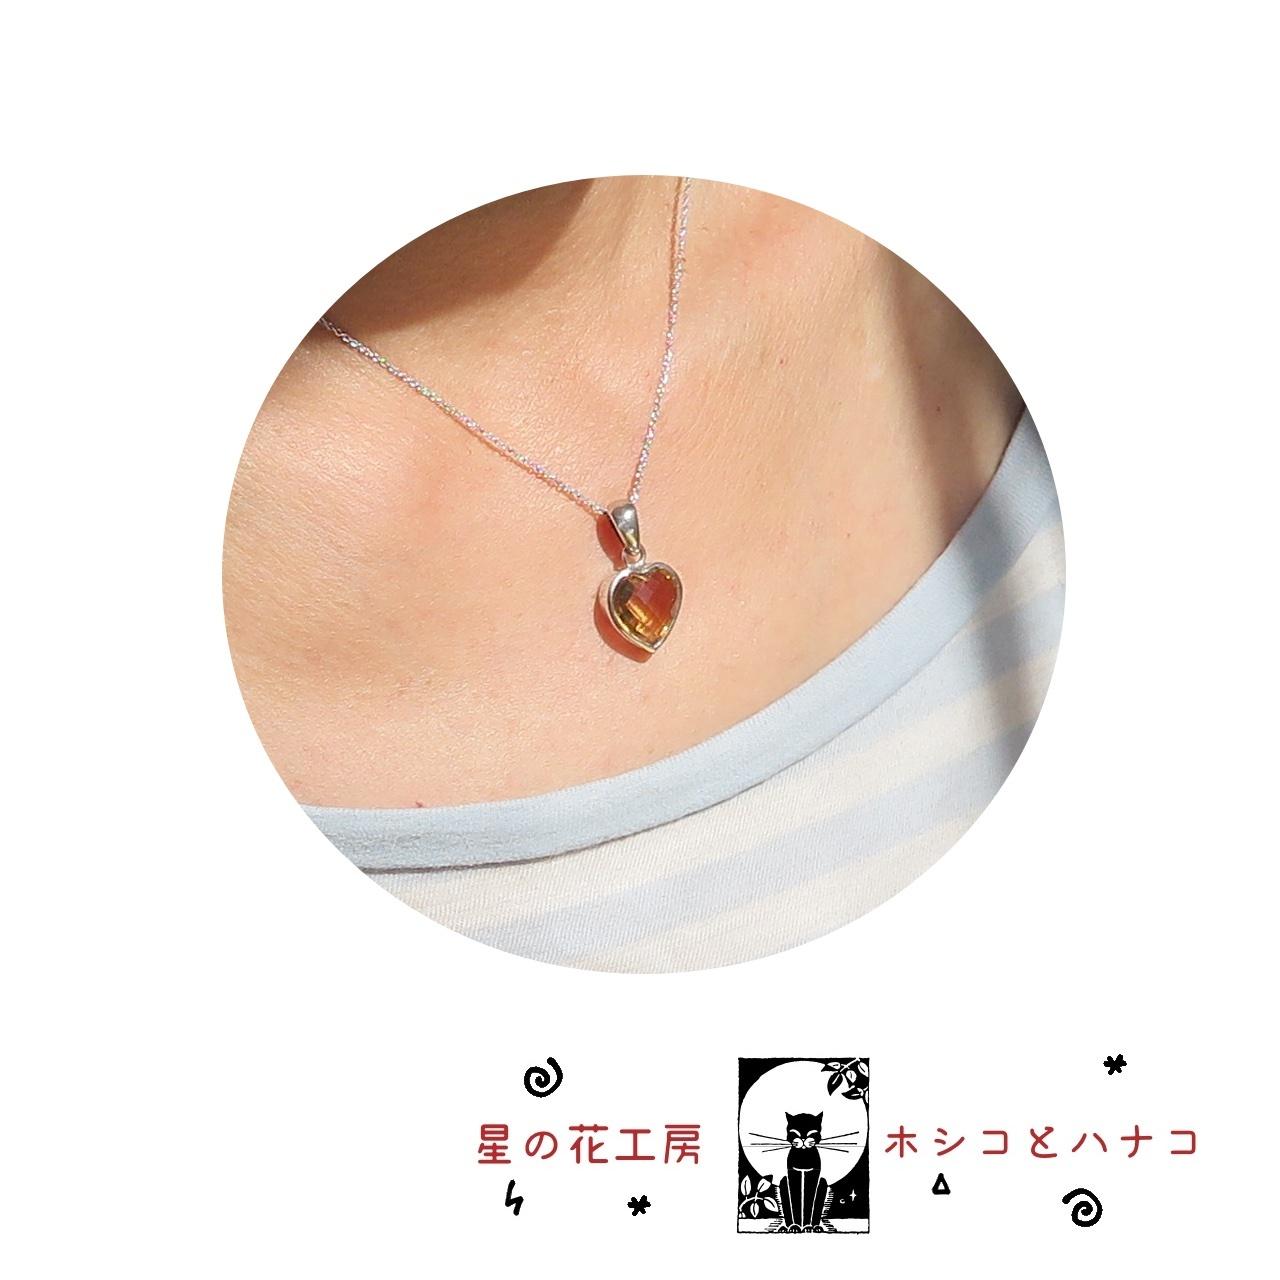 【SV925】 *Golden Light...* シトリンハート チェスカット ペンダント 40cmチェーン付